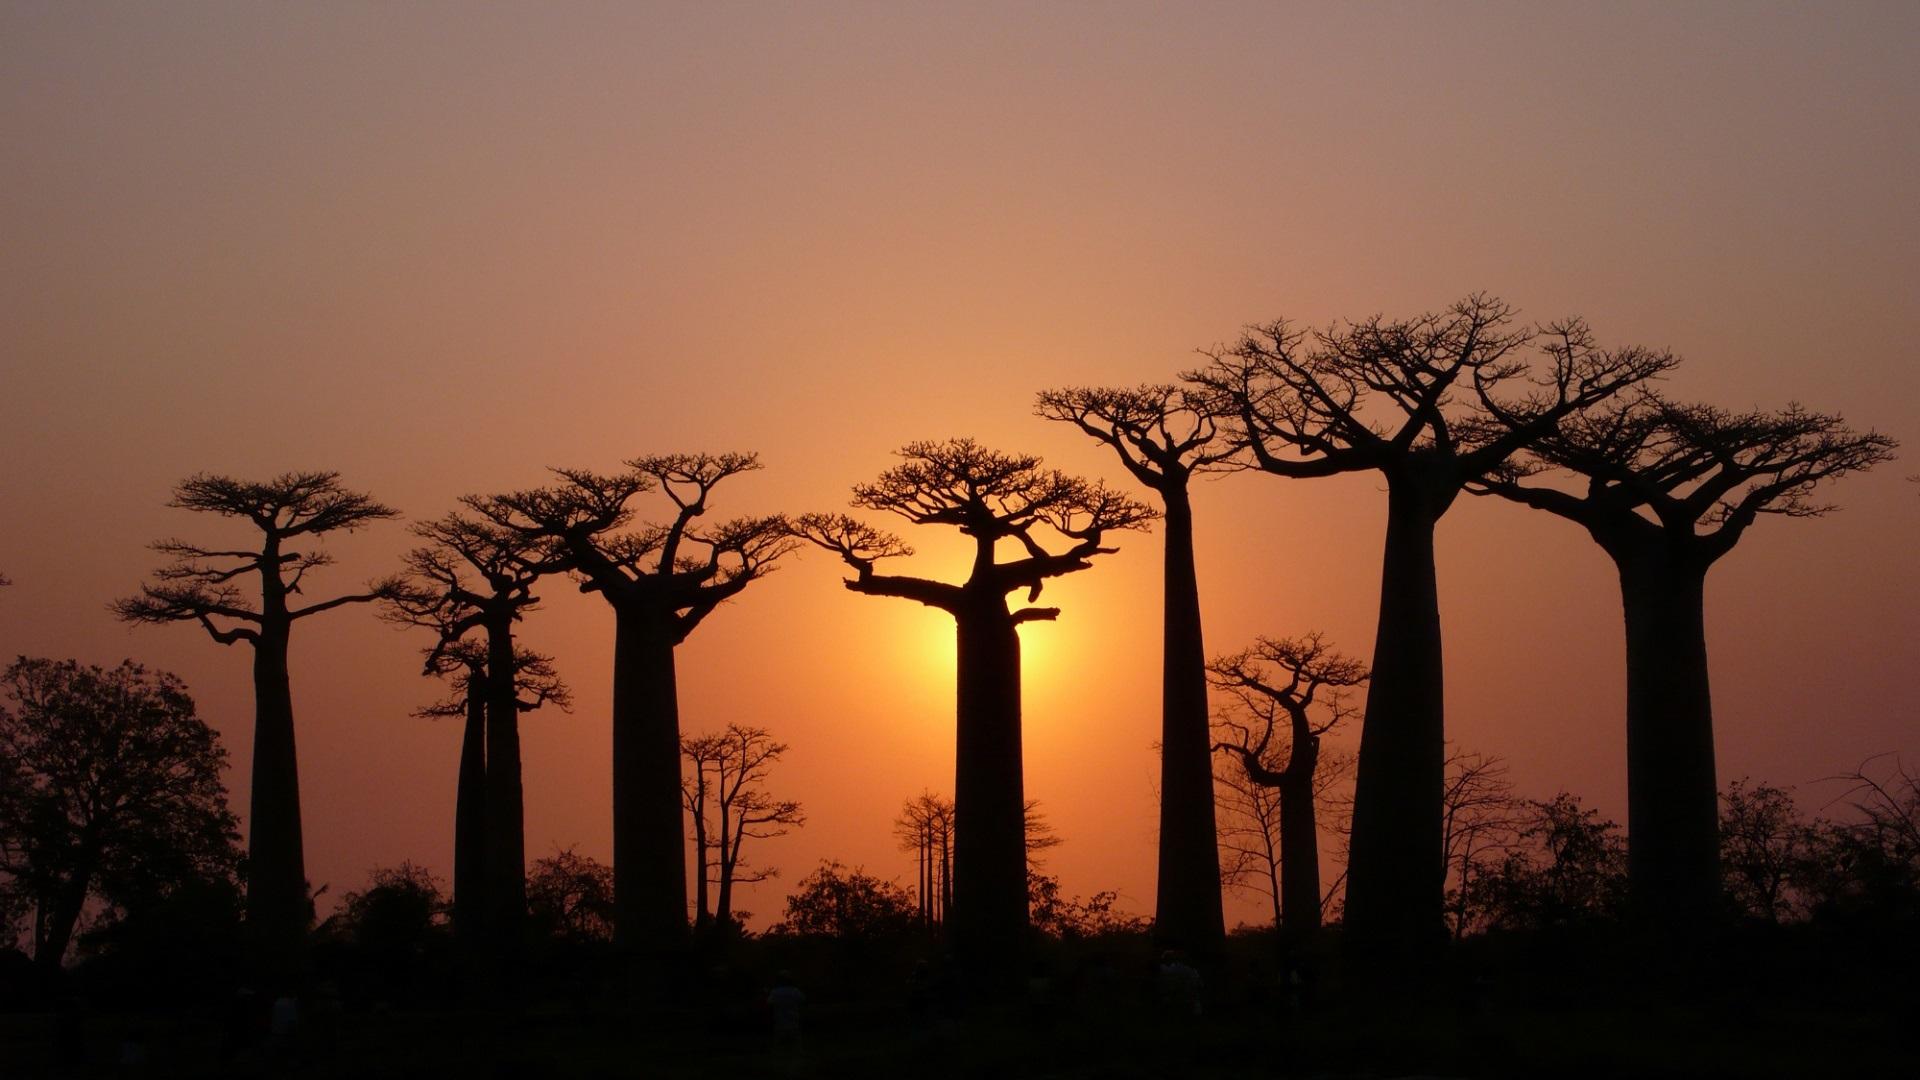 Klicke auf die Grafik für eine größere Ansicht  Name:Trees-baobabs-sky-light-dusk_1920x1080.jpg Hits:375 Größe:433,1 KB ID:78707